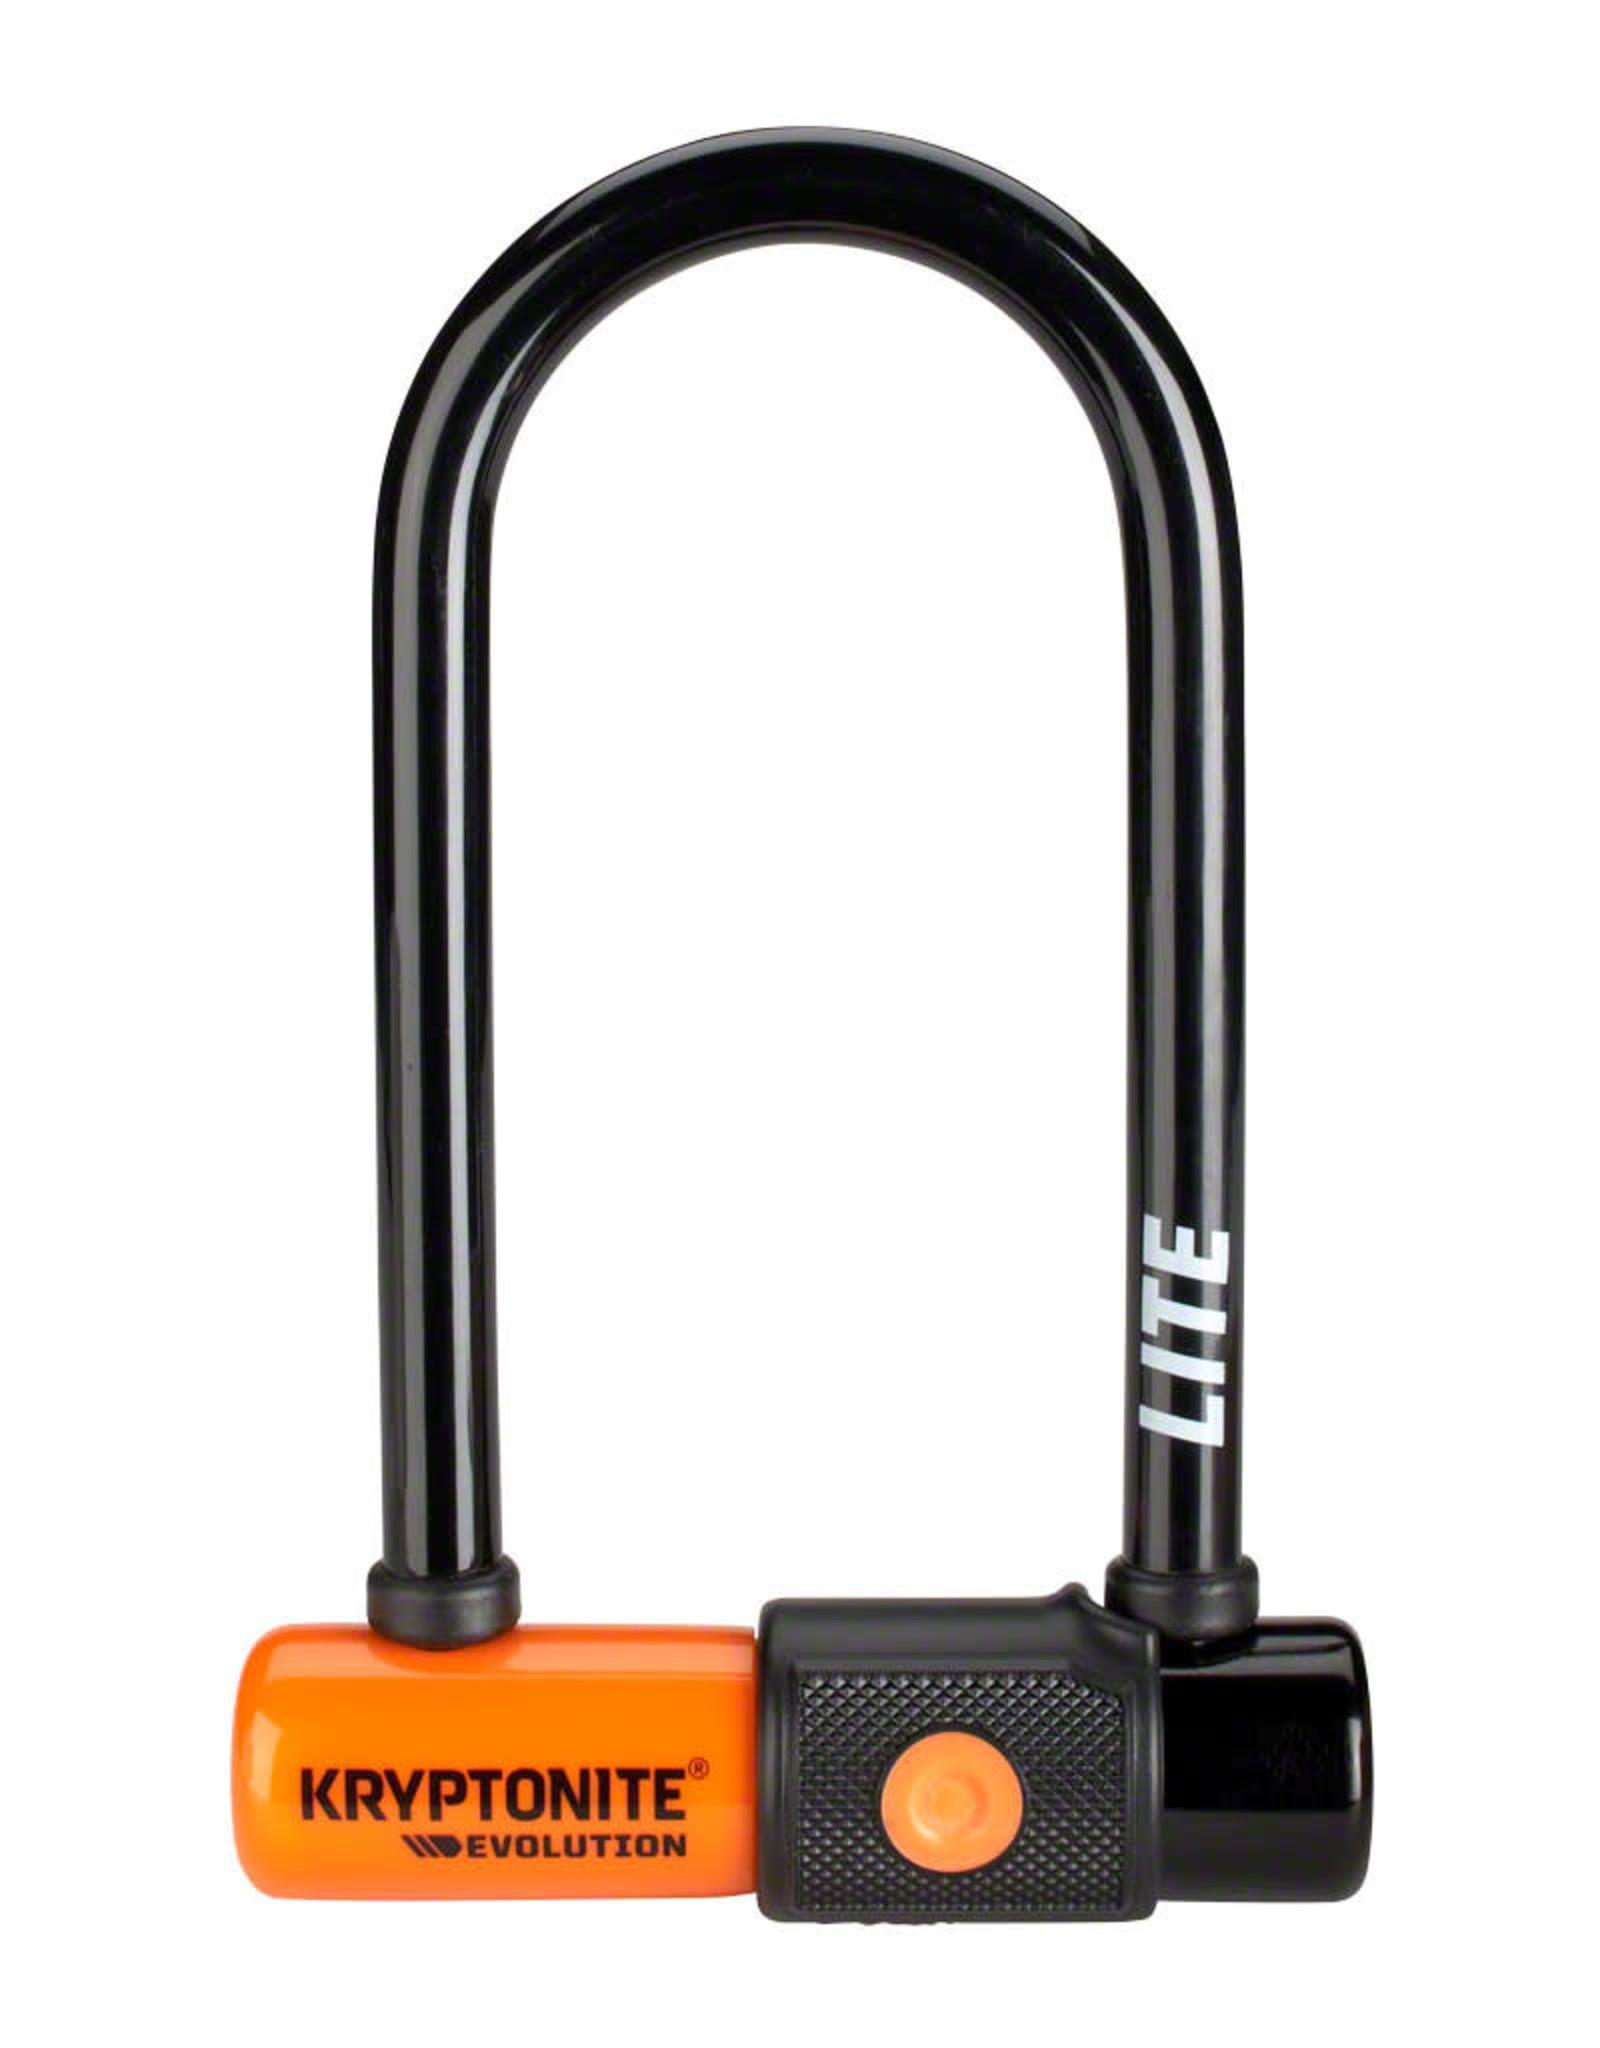 """Kryptonite Kryptonite Evolution Series U-Lock - 2.75 x 5.9"""""""